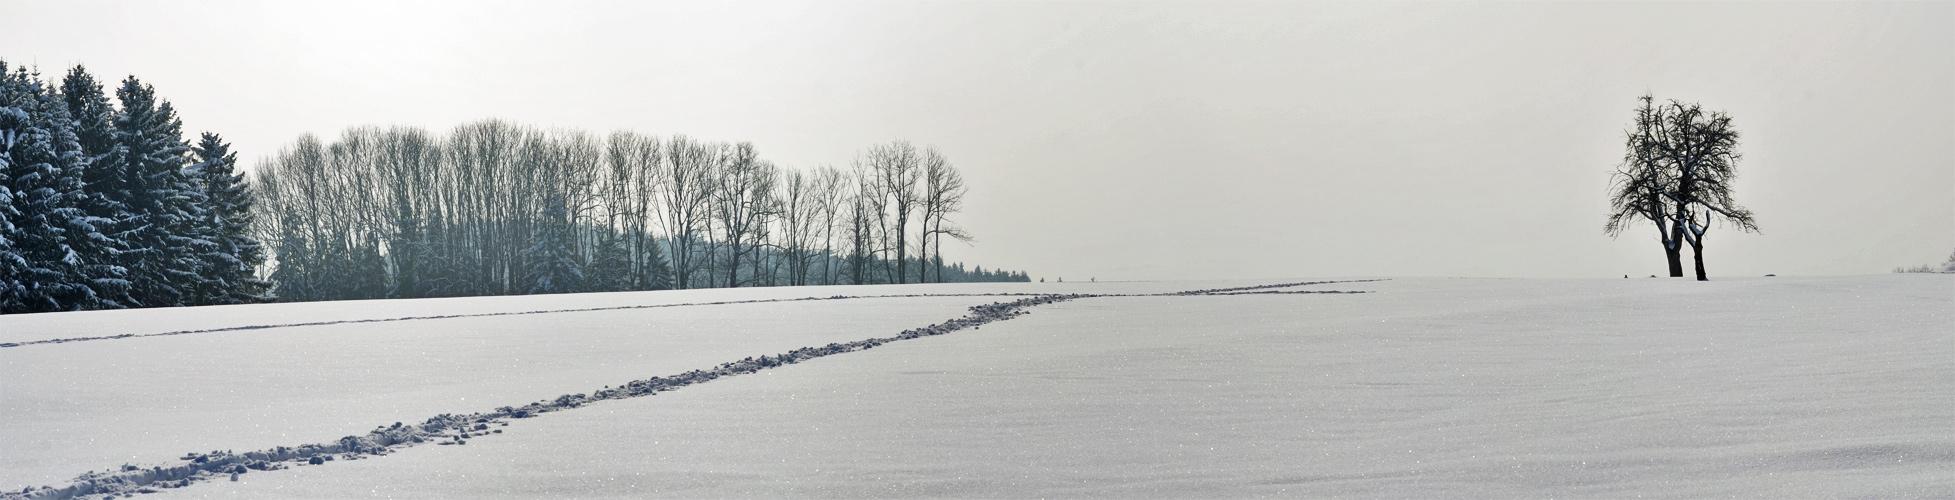 Winterliches Farbfoto